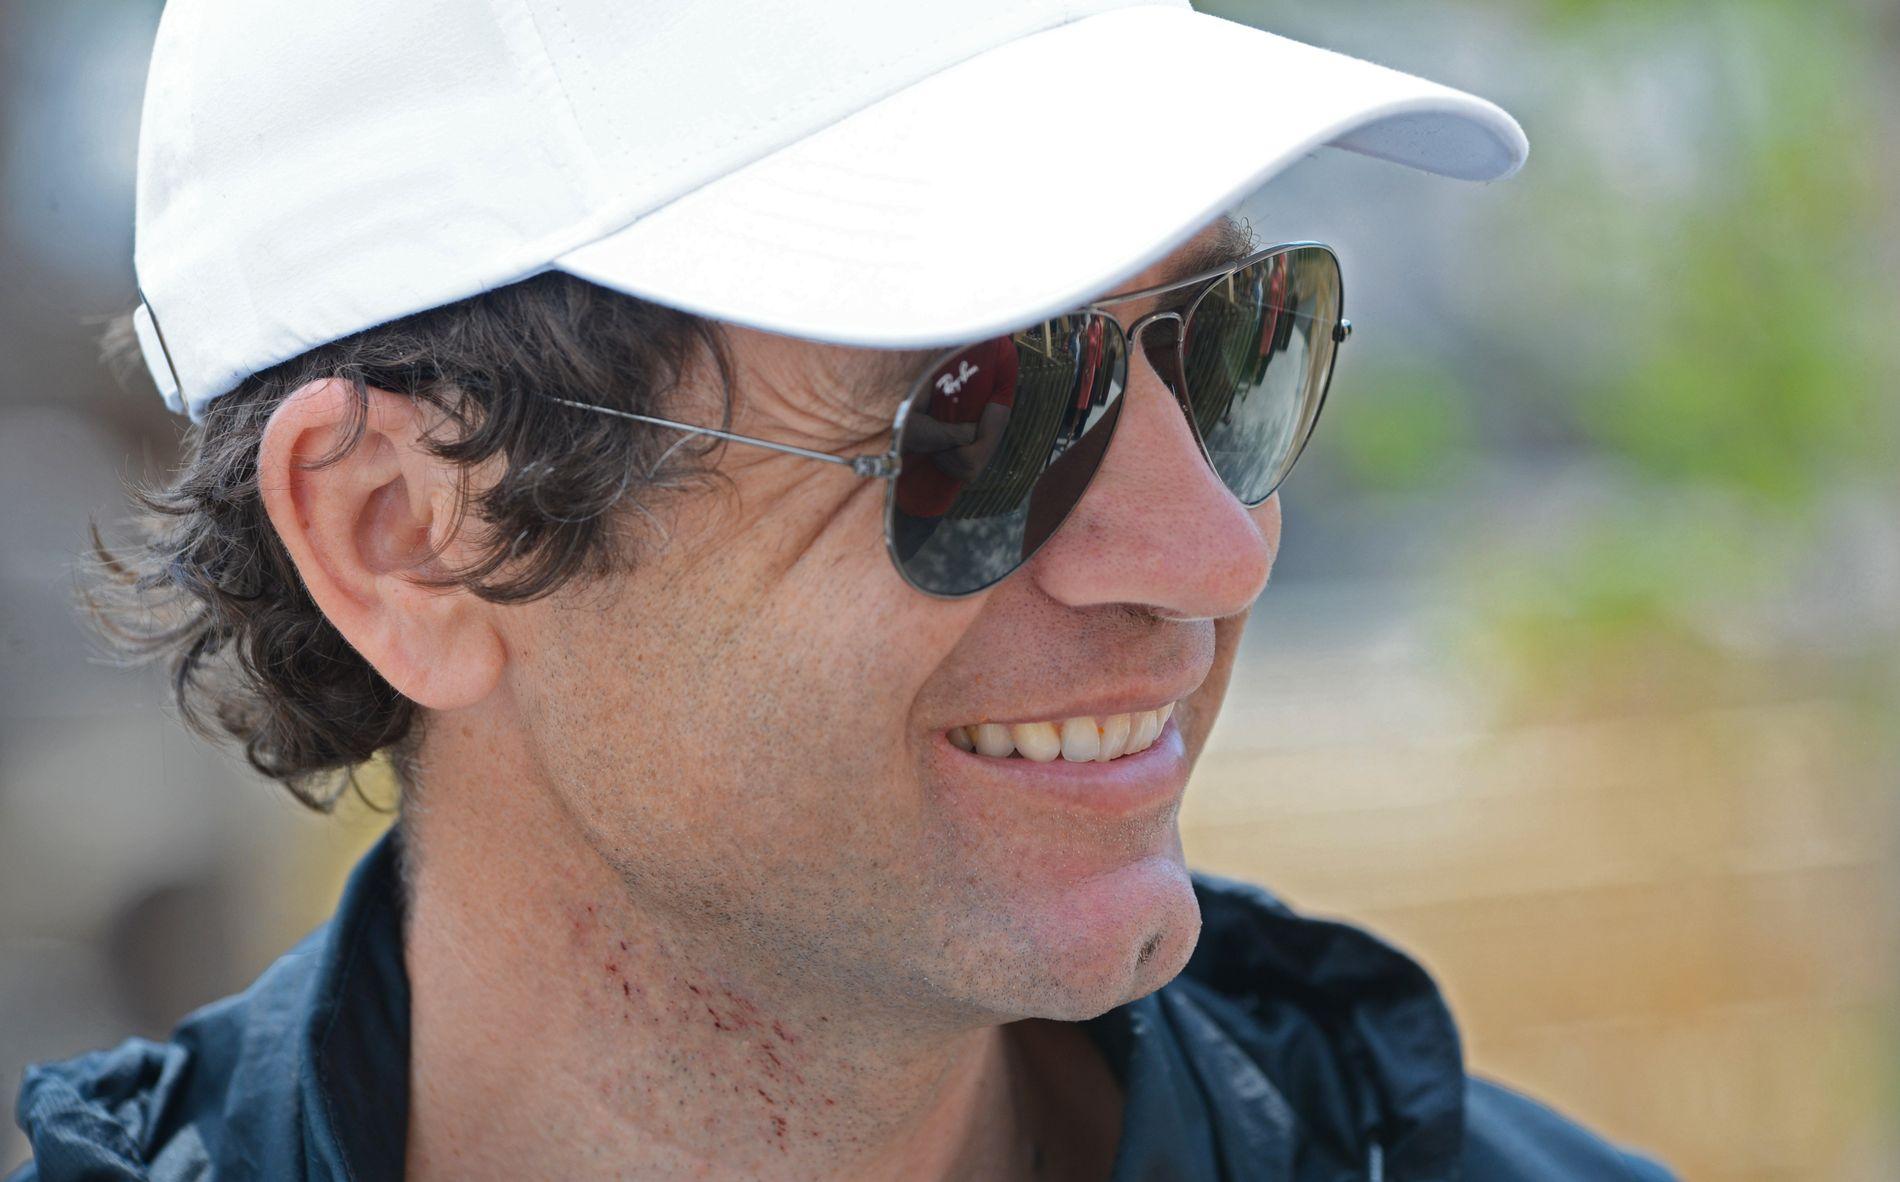 LAGER FEST: Ole Einar Bjørndalen skal takke av med stil. Nå har han invitert 230 gjester på avslutningsfest.